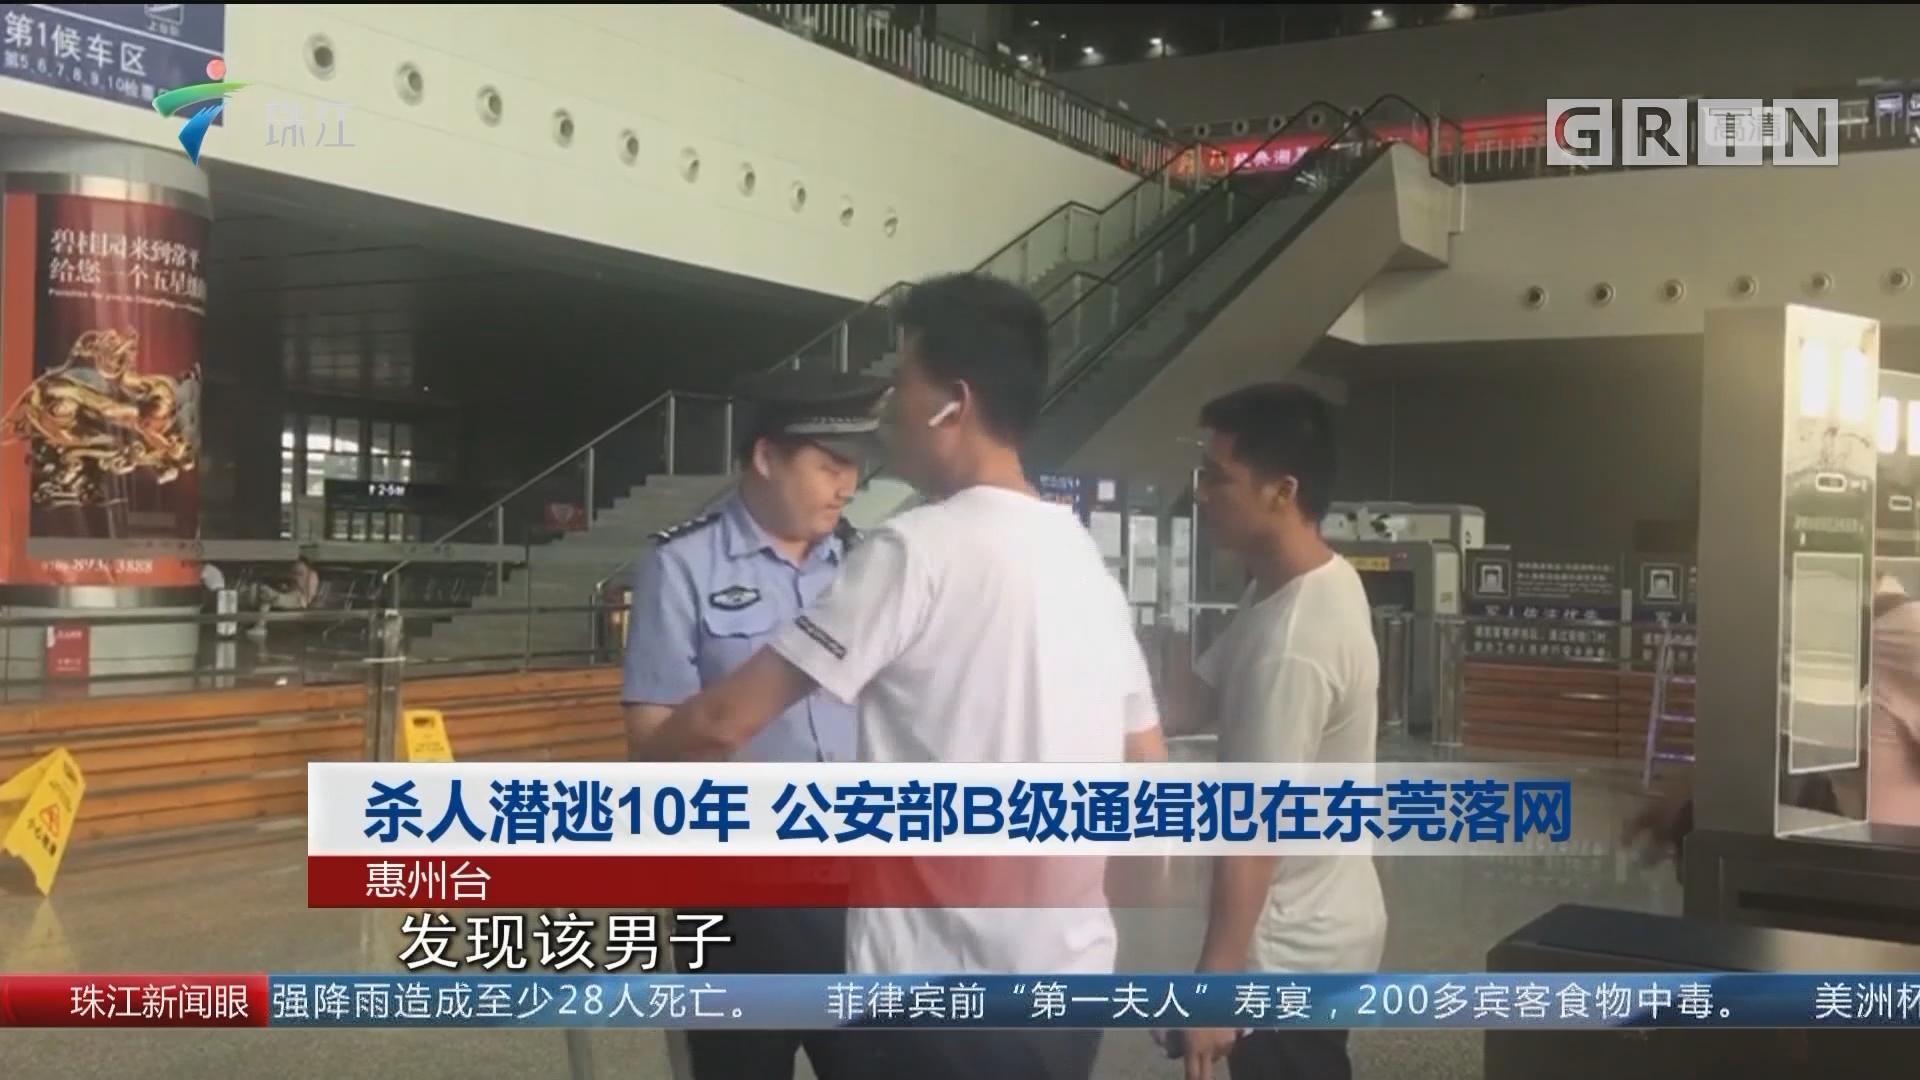 殺人潛逃10年 公安部B級通緝犯在東莞落網